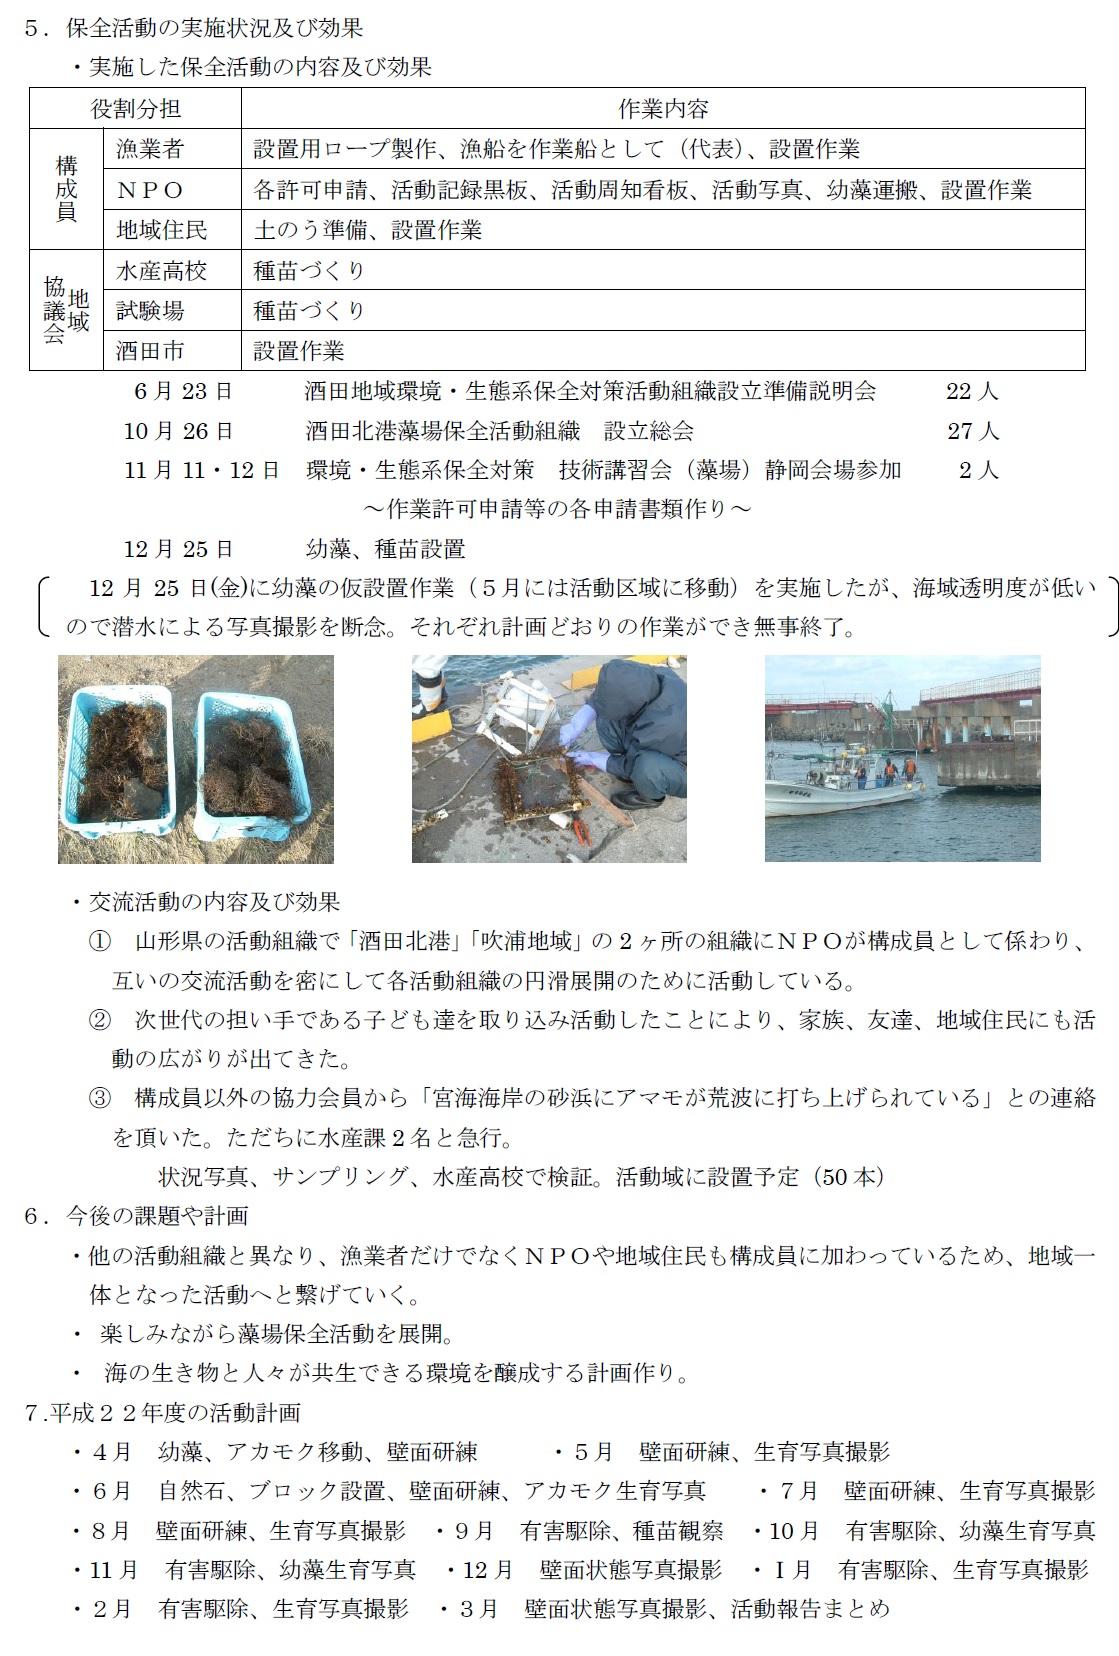 酒田北港藻場保全活動組織について